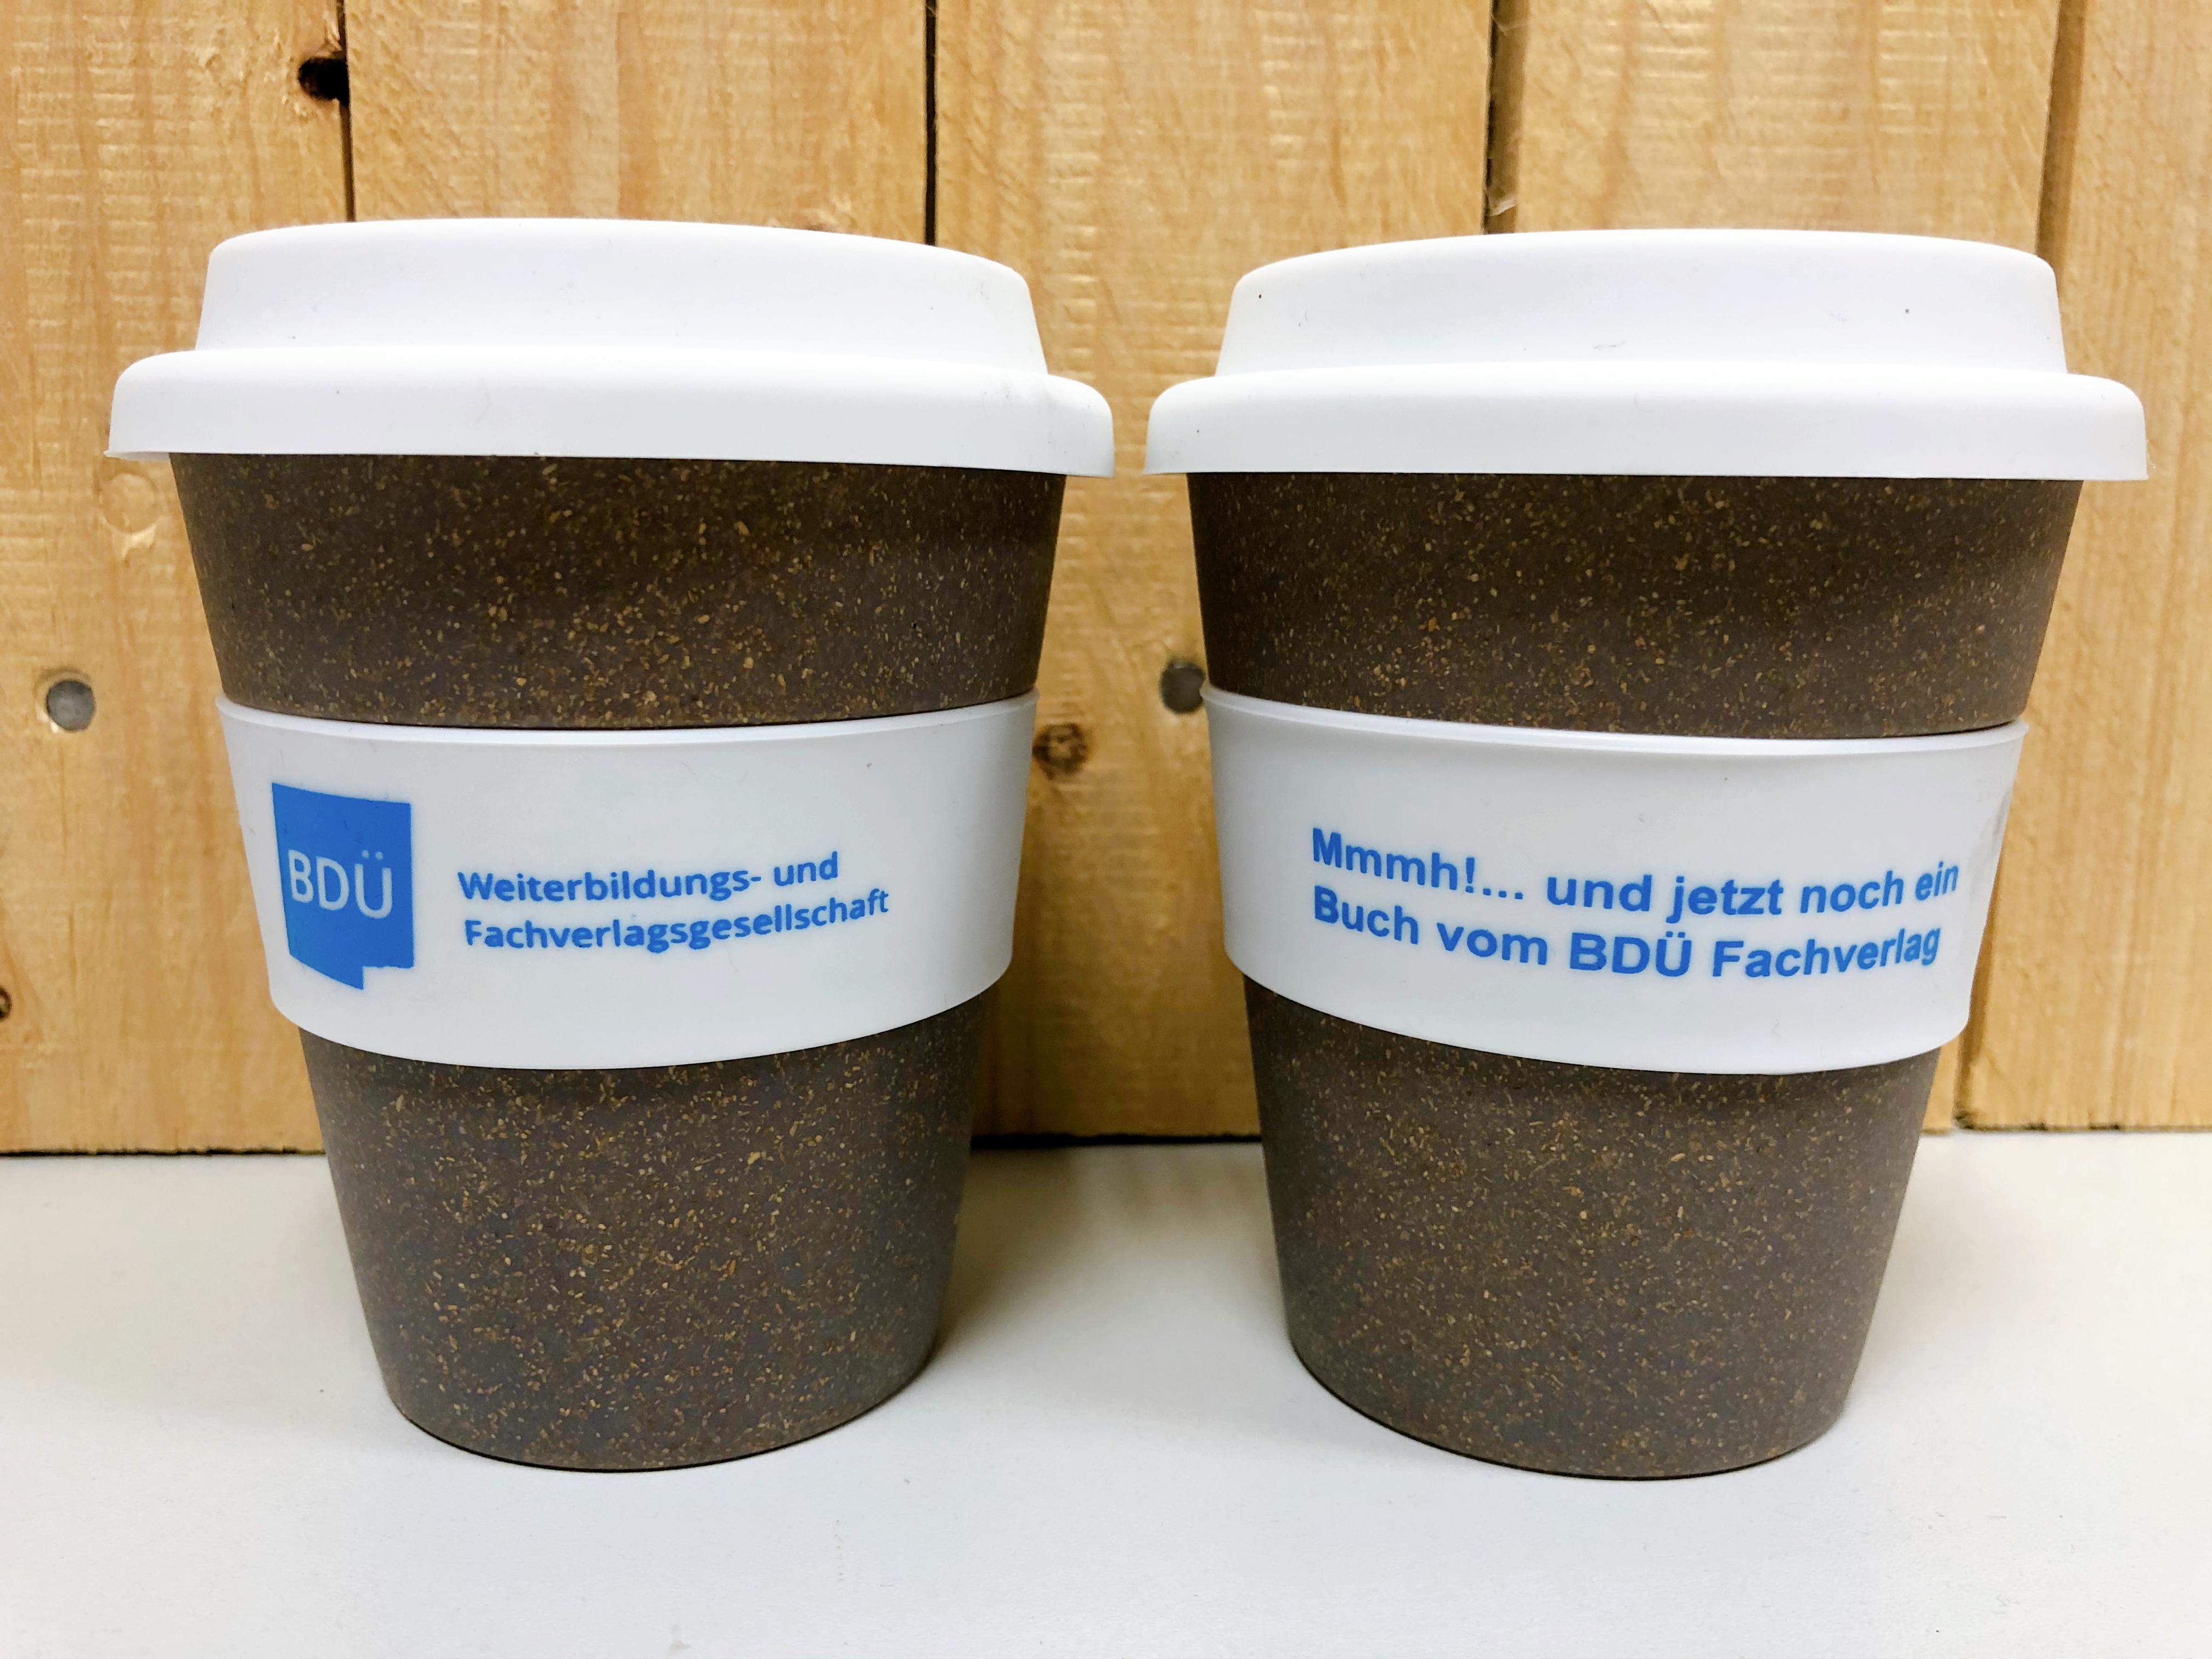 Coffee-to-go-Becher - Mmmh!... und jetzt noch ein Buch vom BDÜ Fachverlag